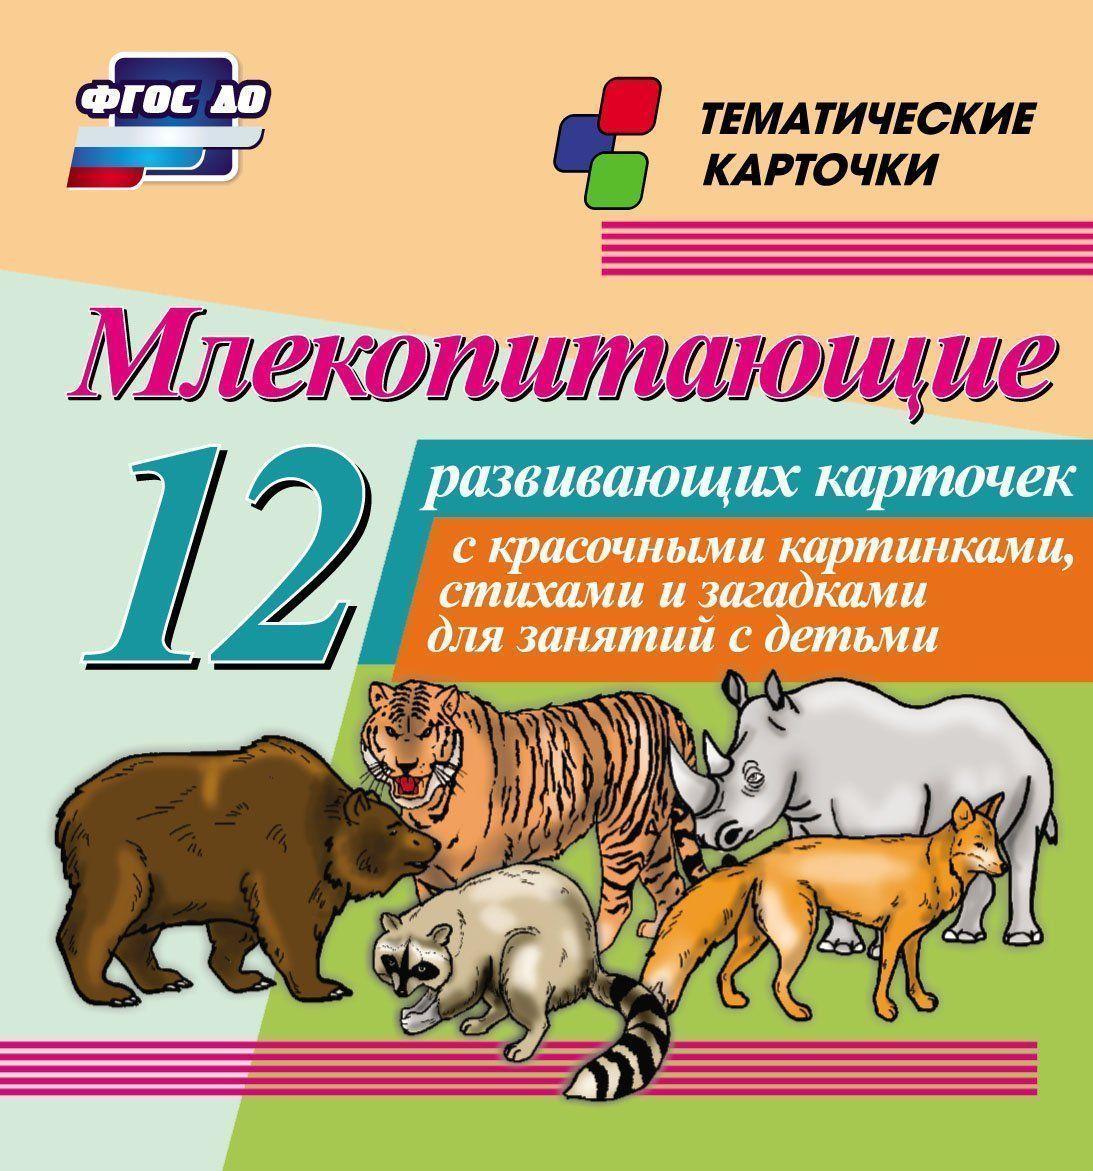 Млекопитающие: 12 развивающих карточек с красочными картинками, стихами и загадками для занятий с детьмиРазвитие дошкольника<br>Комплект тематических карточек Млекопитающие:1.медведь; 2.тигр; 3.волк; 4.ёж; 5.енот; 6.белка; 7.кит; 8.лиса; 9.носорог; 10.слон ; 11. зебра ; 12.олень.<br><br>Год: 2017<br>Серия: Тематические карточки<br>Высота: 99<br>Ширина: 93<br>Толщина: 8<br>Переплёт: набор